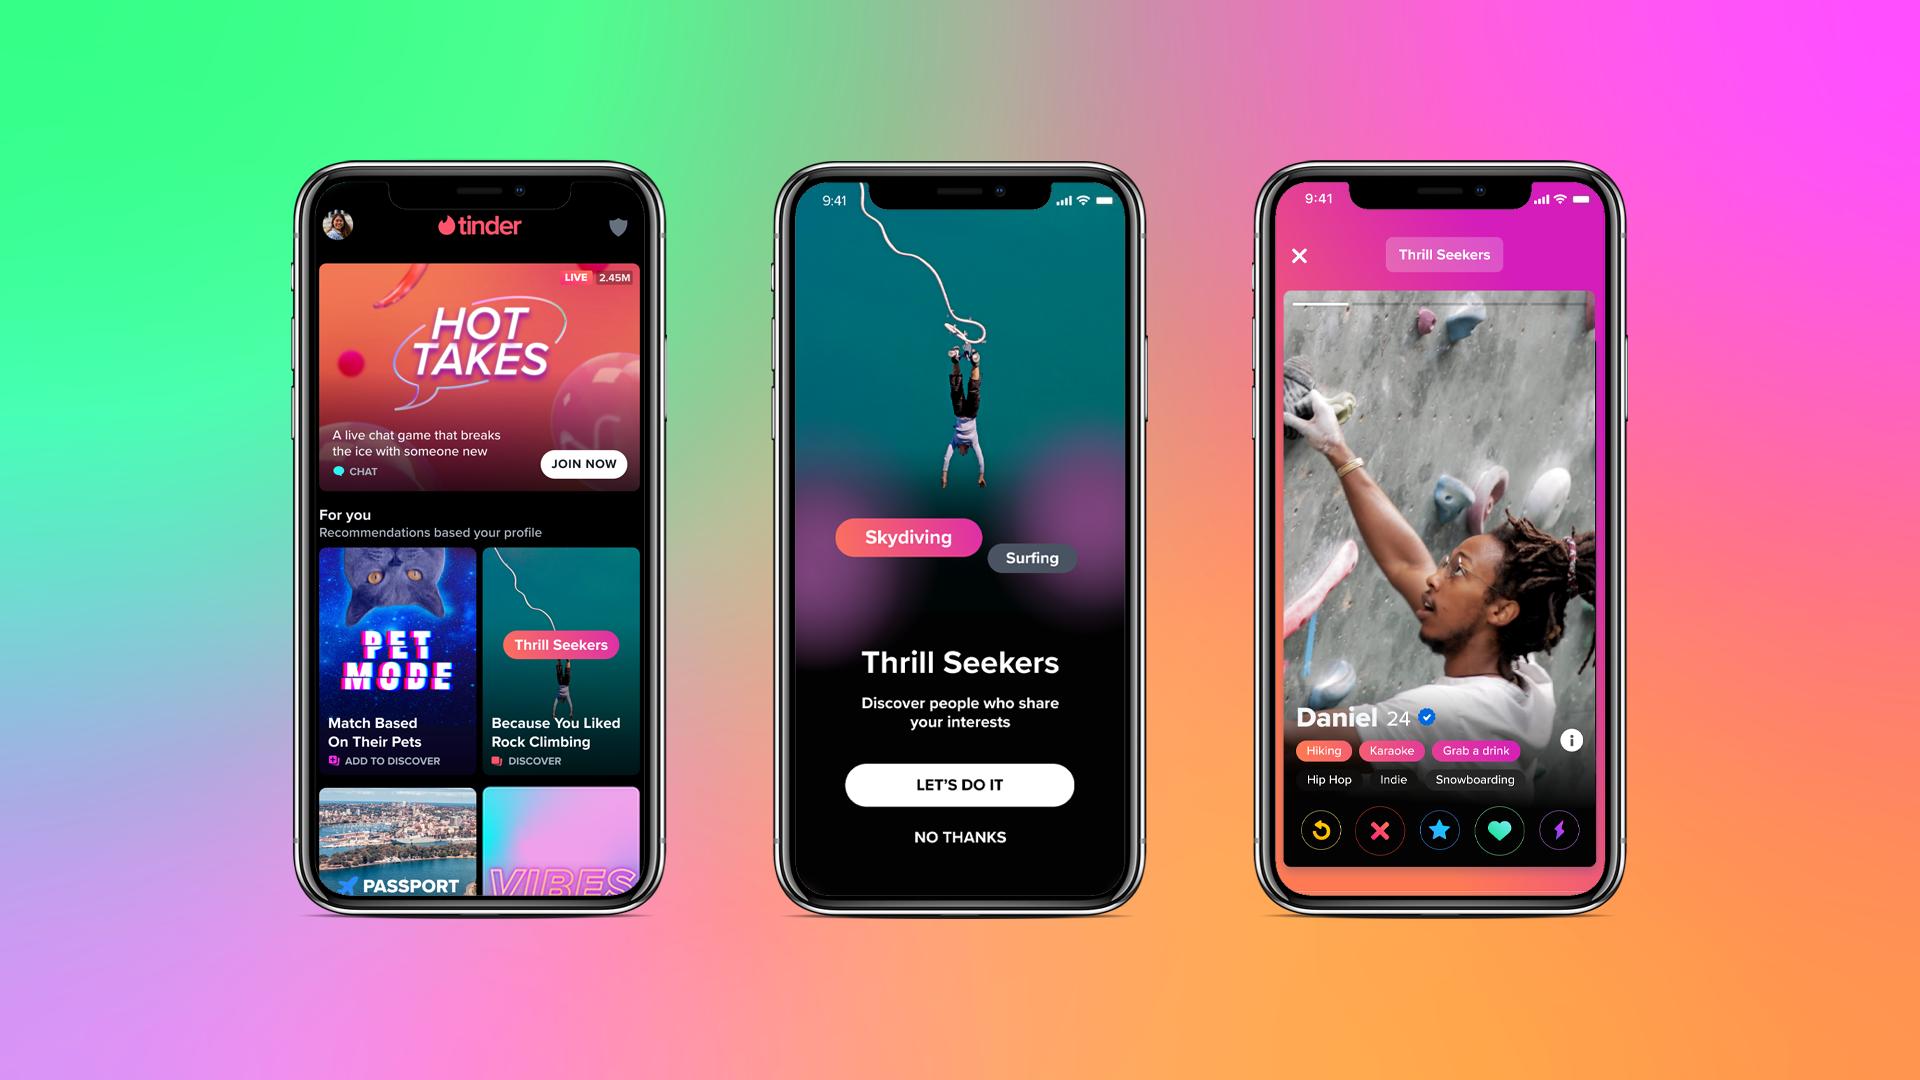 Tinder aggiunge i Video nel profilo e la sezione Esplora per migliori affinità